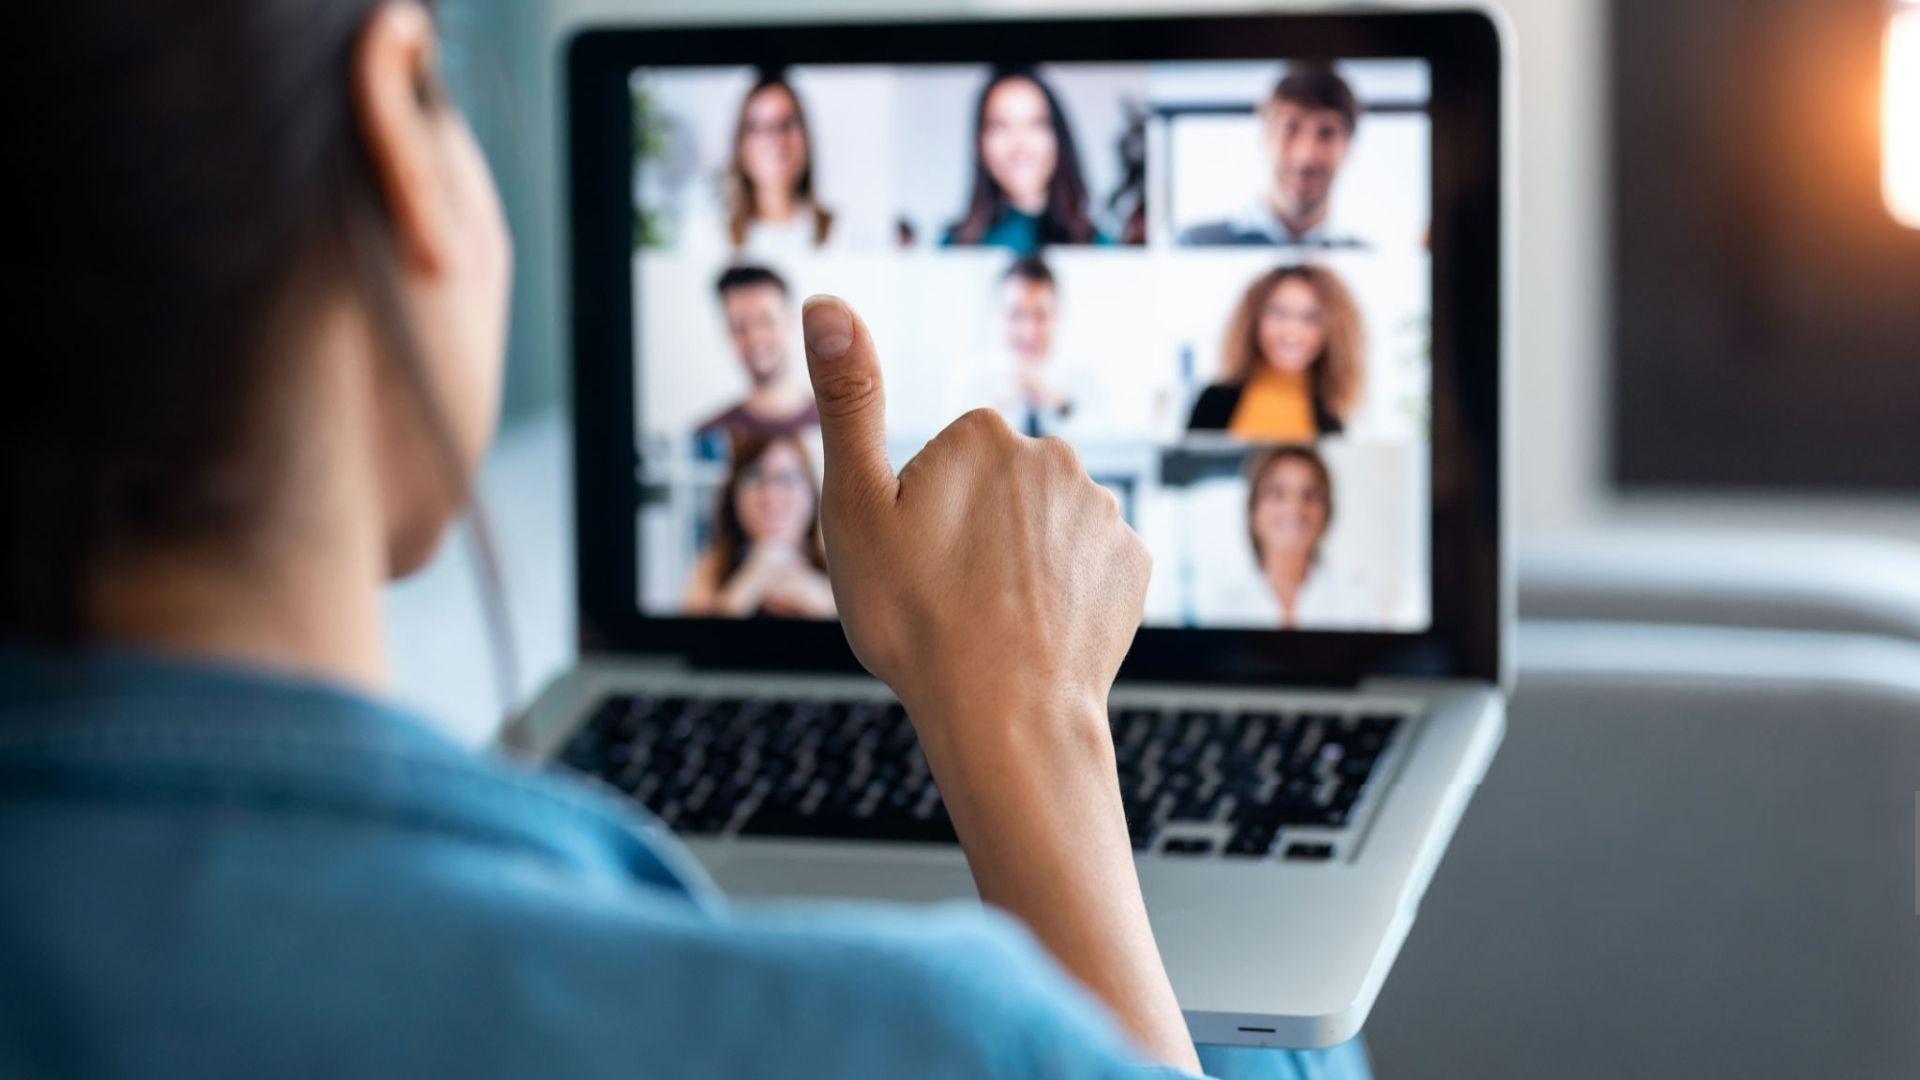 sesion de formación online formadora